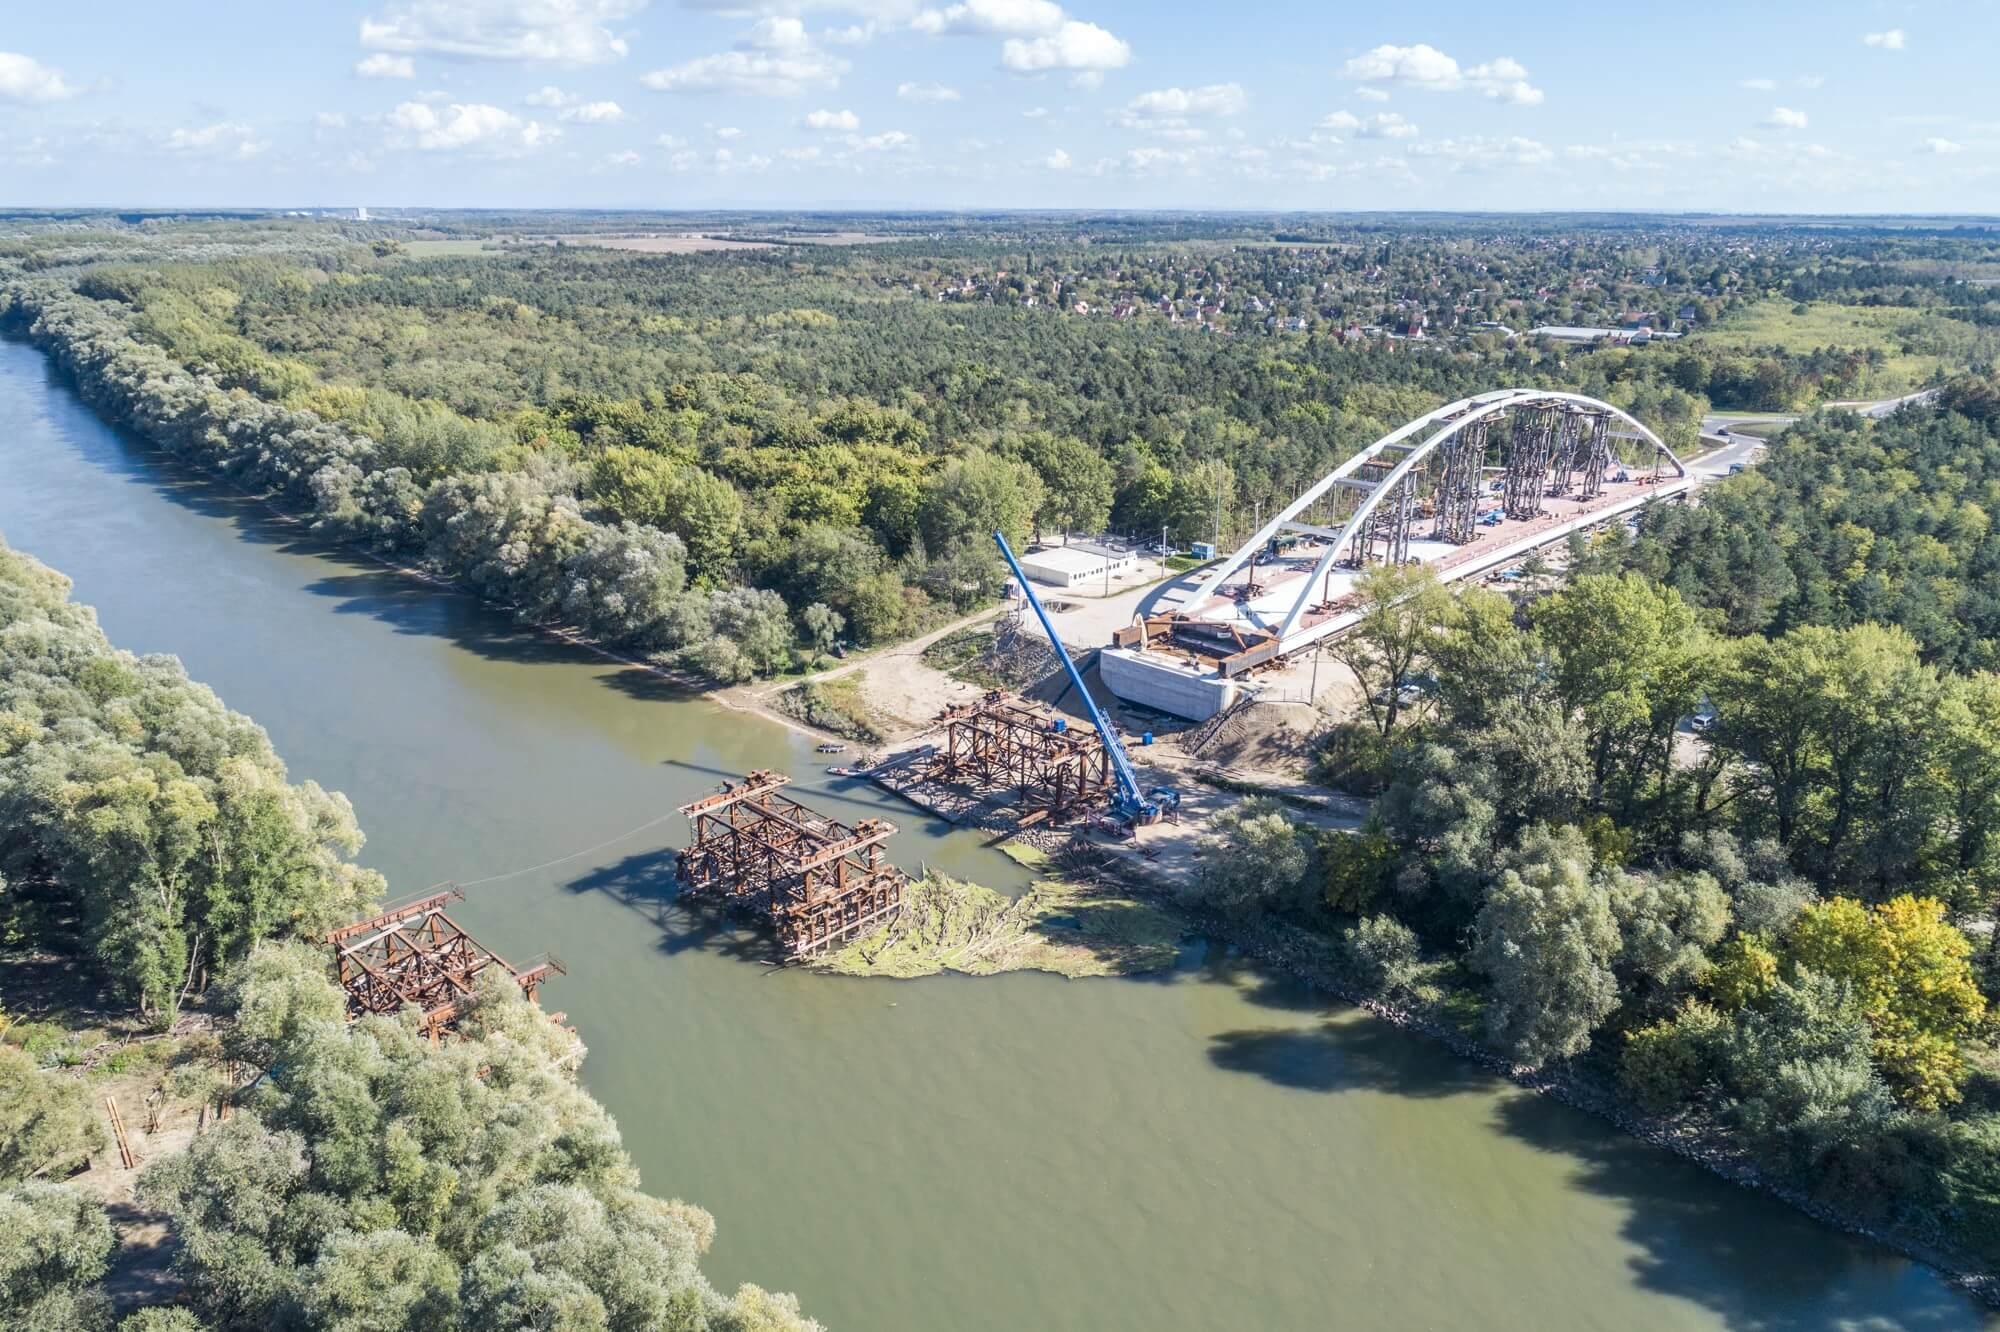 Elkezdődött a győri hídépítés leglátványosabb szakasza